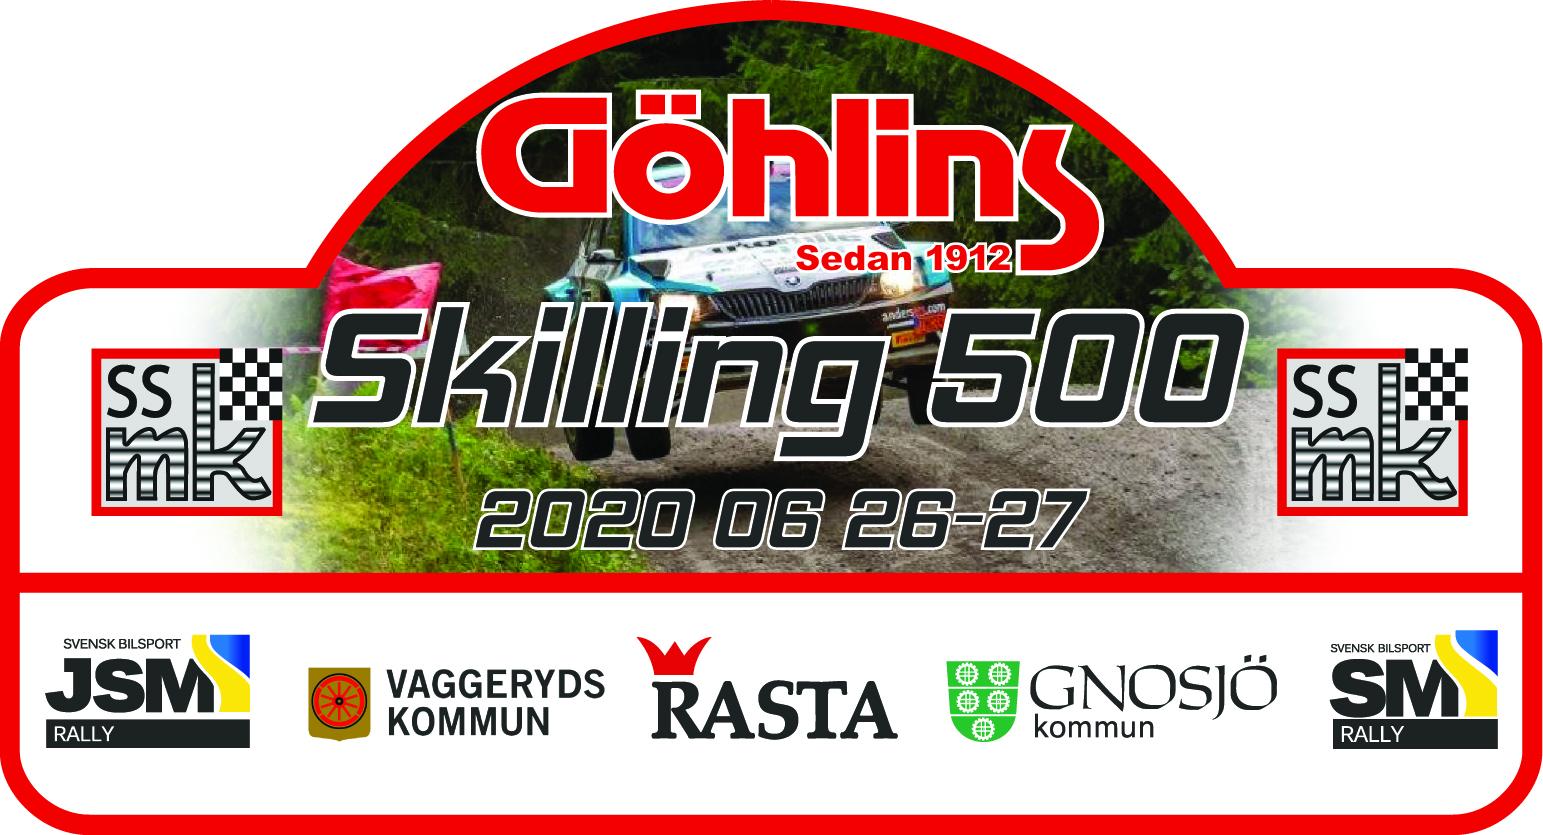 Göhlins blir huvudsponsor för SM-rallyt Skilling 500